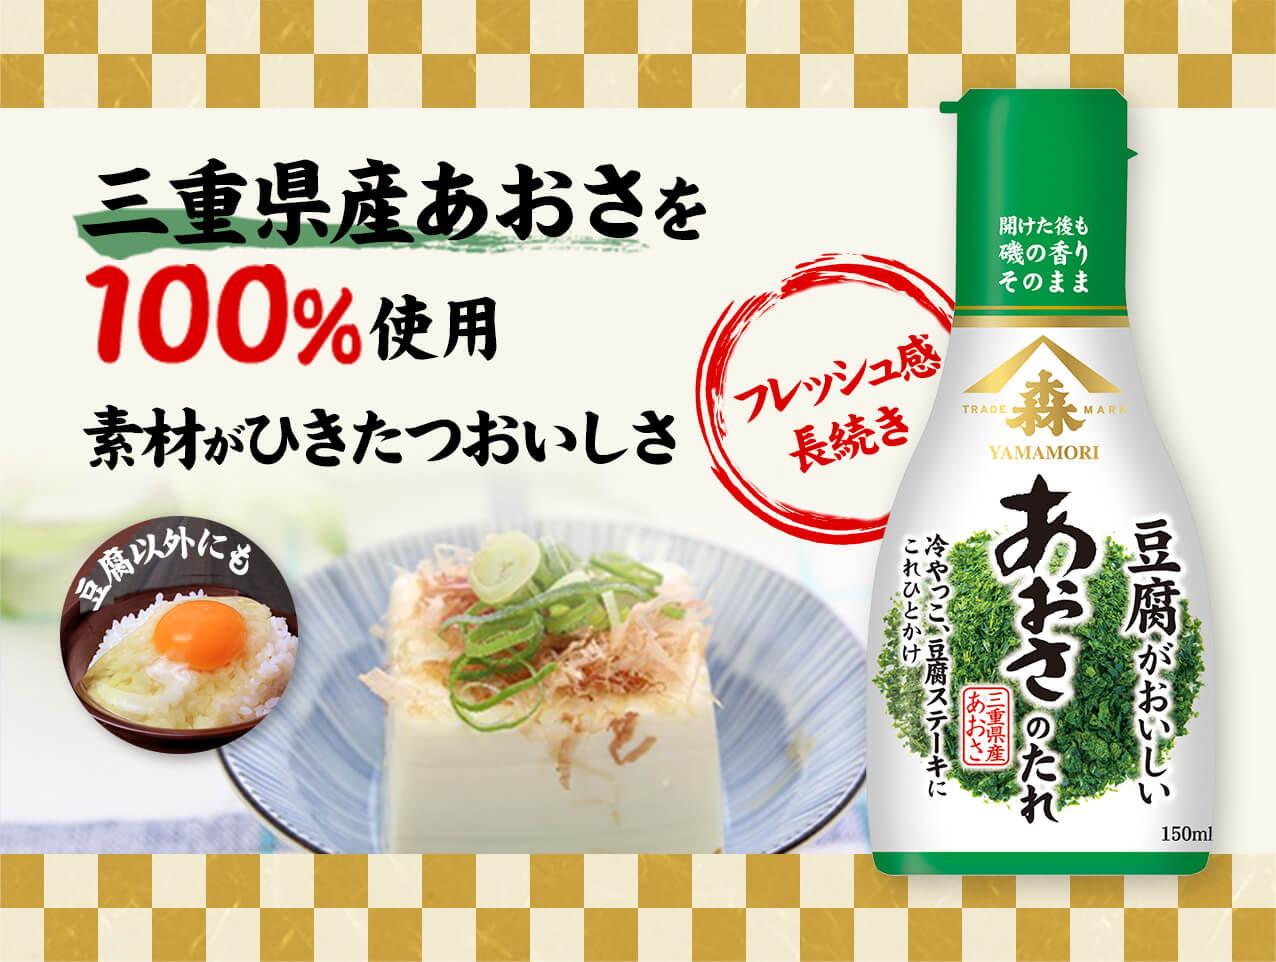 三重県産あおさを100%使用。素材がひきたつおいしさ!フレッシュ感 長続き豆腐以外にも!